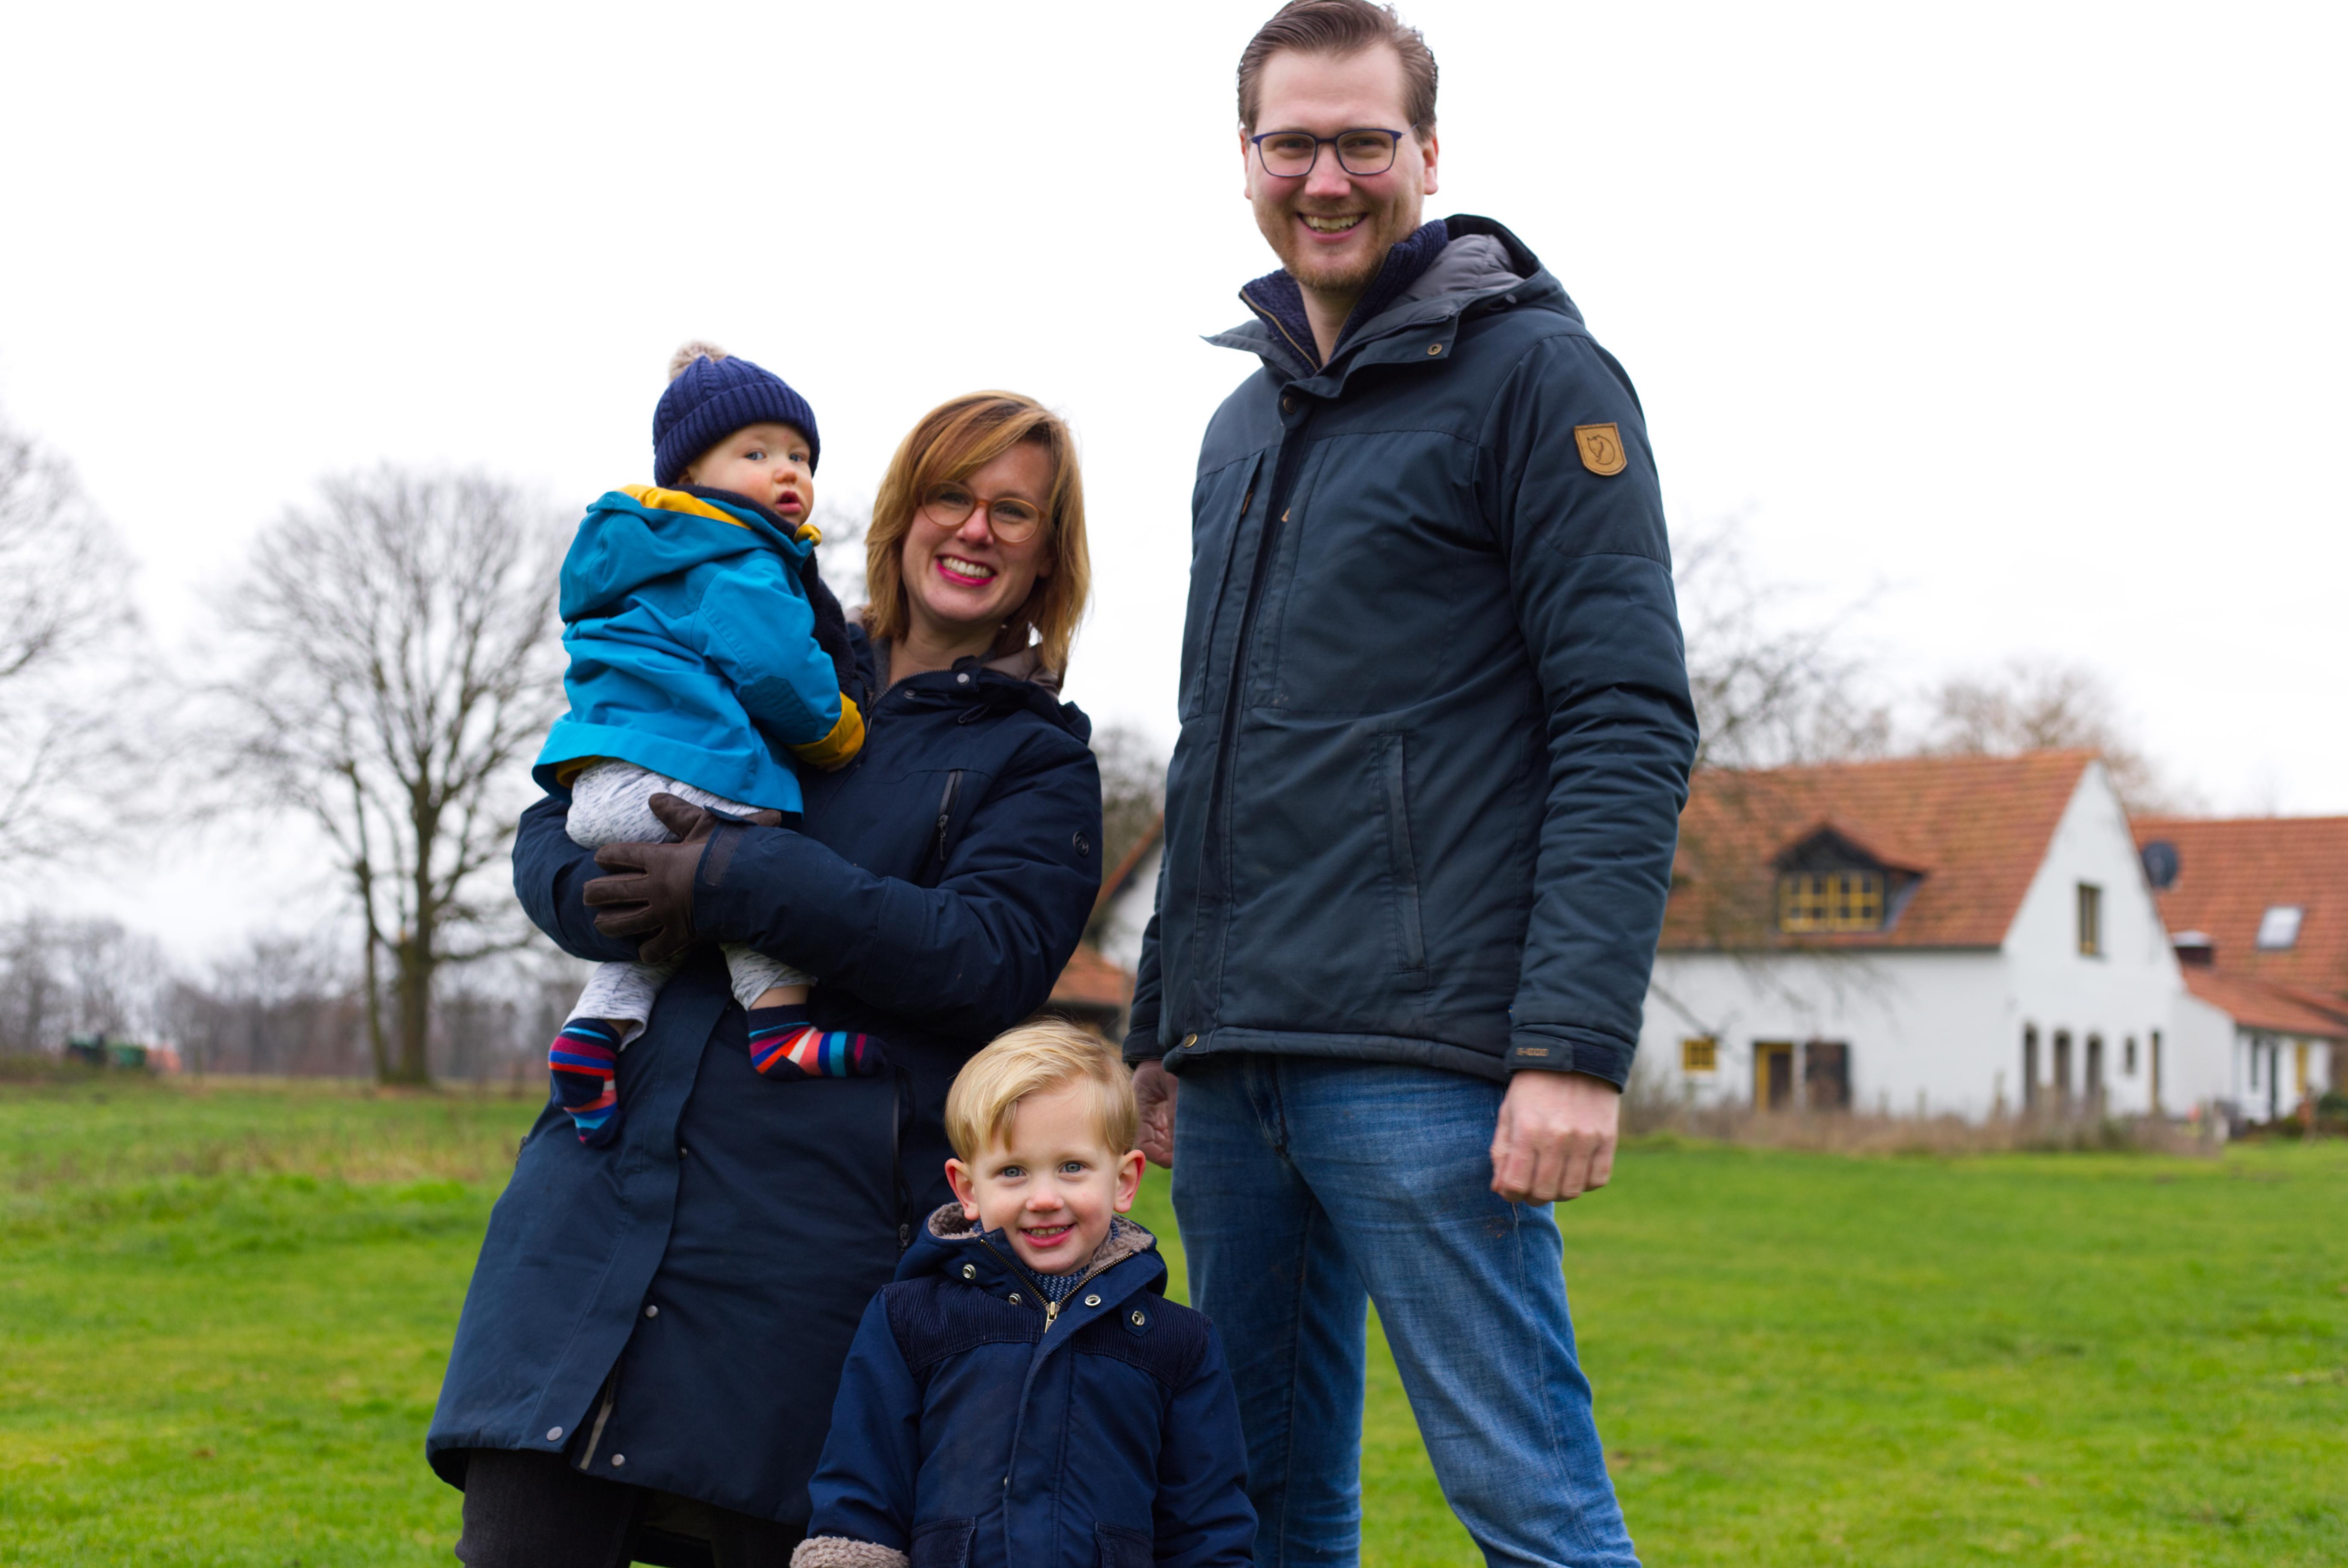 De stap van het Leidse echtpaar Aernout en Céline van Someren om in Brabant een Bed & Breakfast te openen is geen 'Ik vertrek' uit het boekje